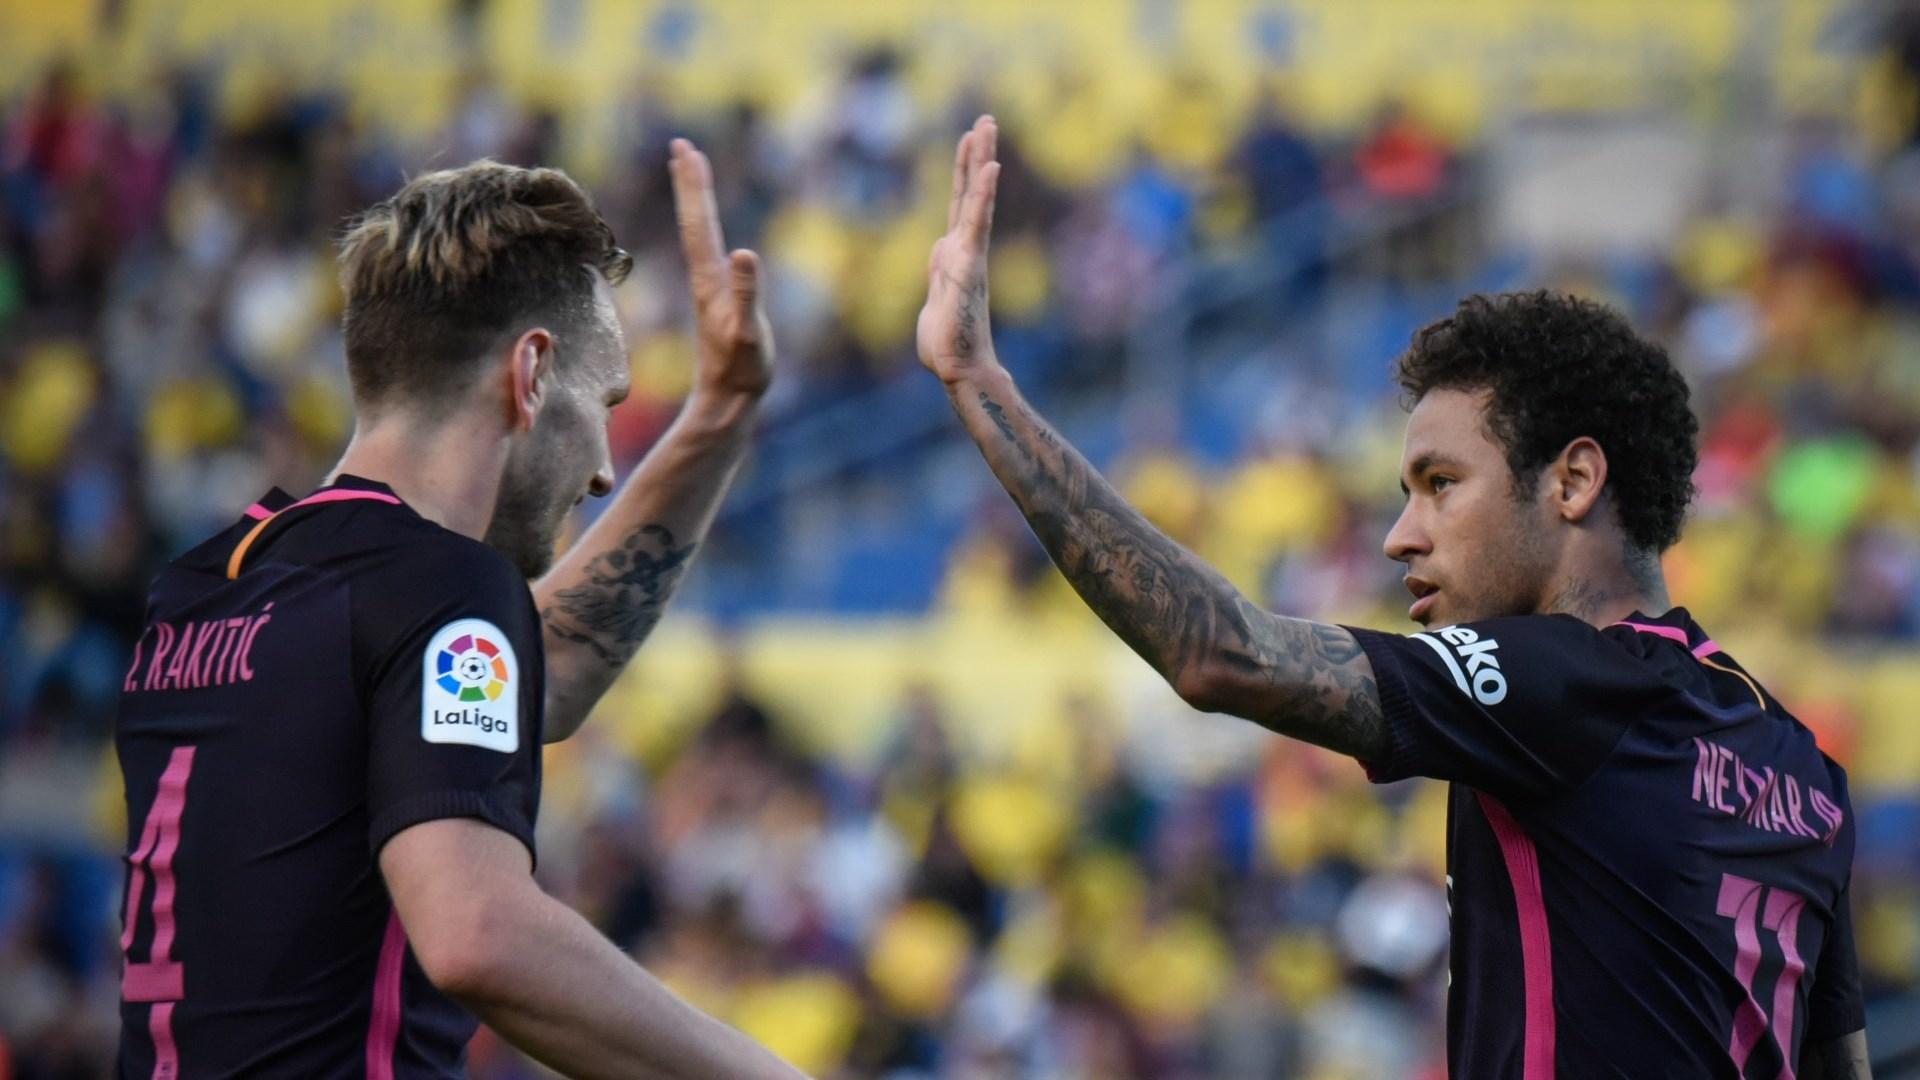 Ivan Rakitic Neymar Las Palmas Barcelona LaLiga 14052017